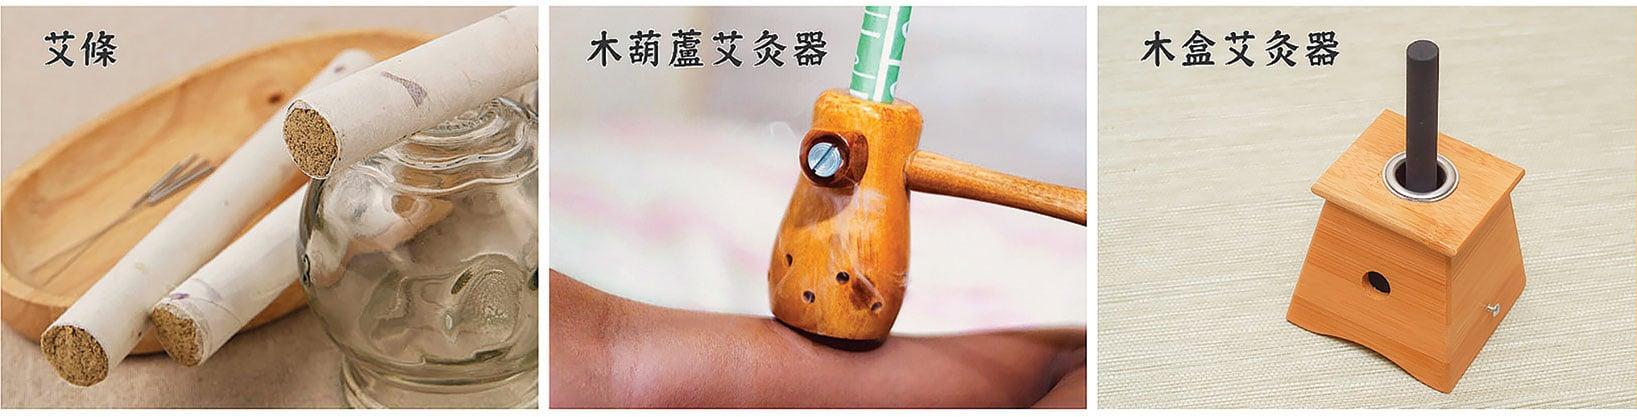 用艾條「雀啄懸灸」,或使用木葫蘆、木盒艾灸器施灸,較適合自行操作。(Shutterstock、Pixabay/大紀元合成)